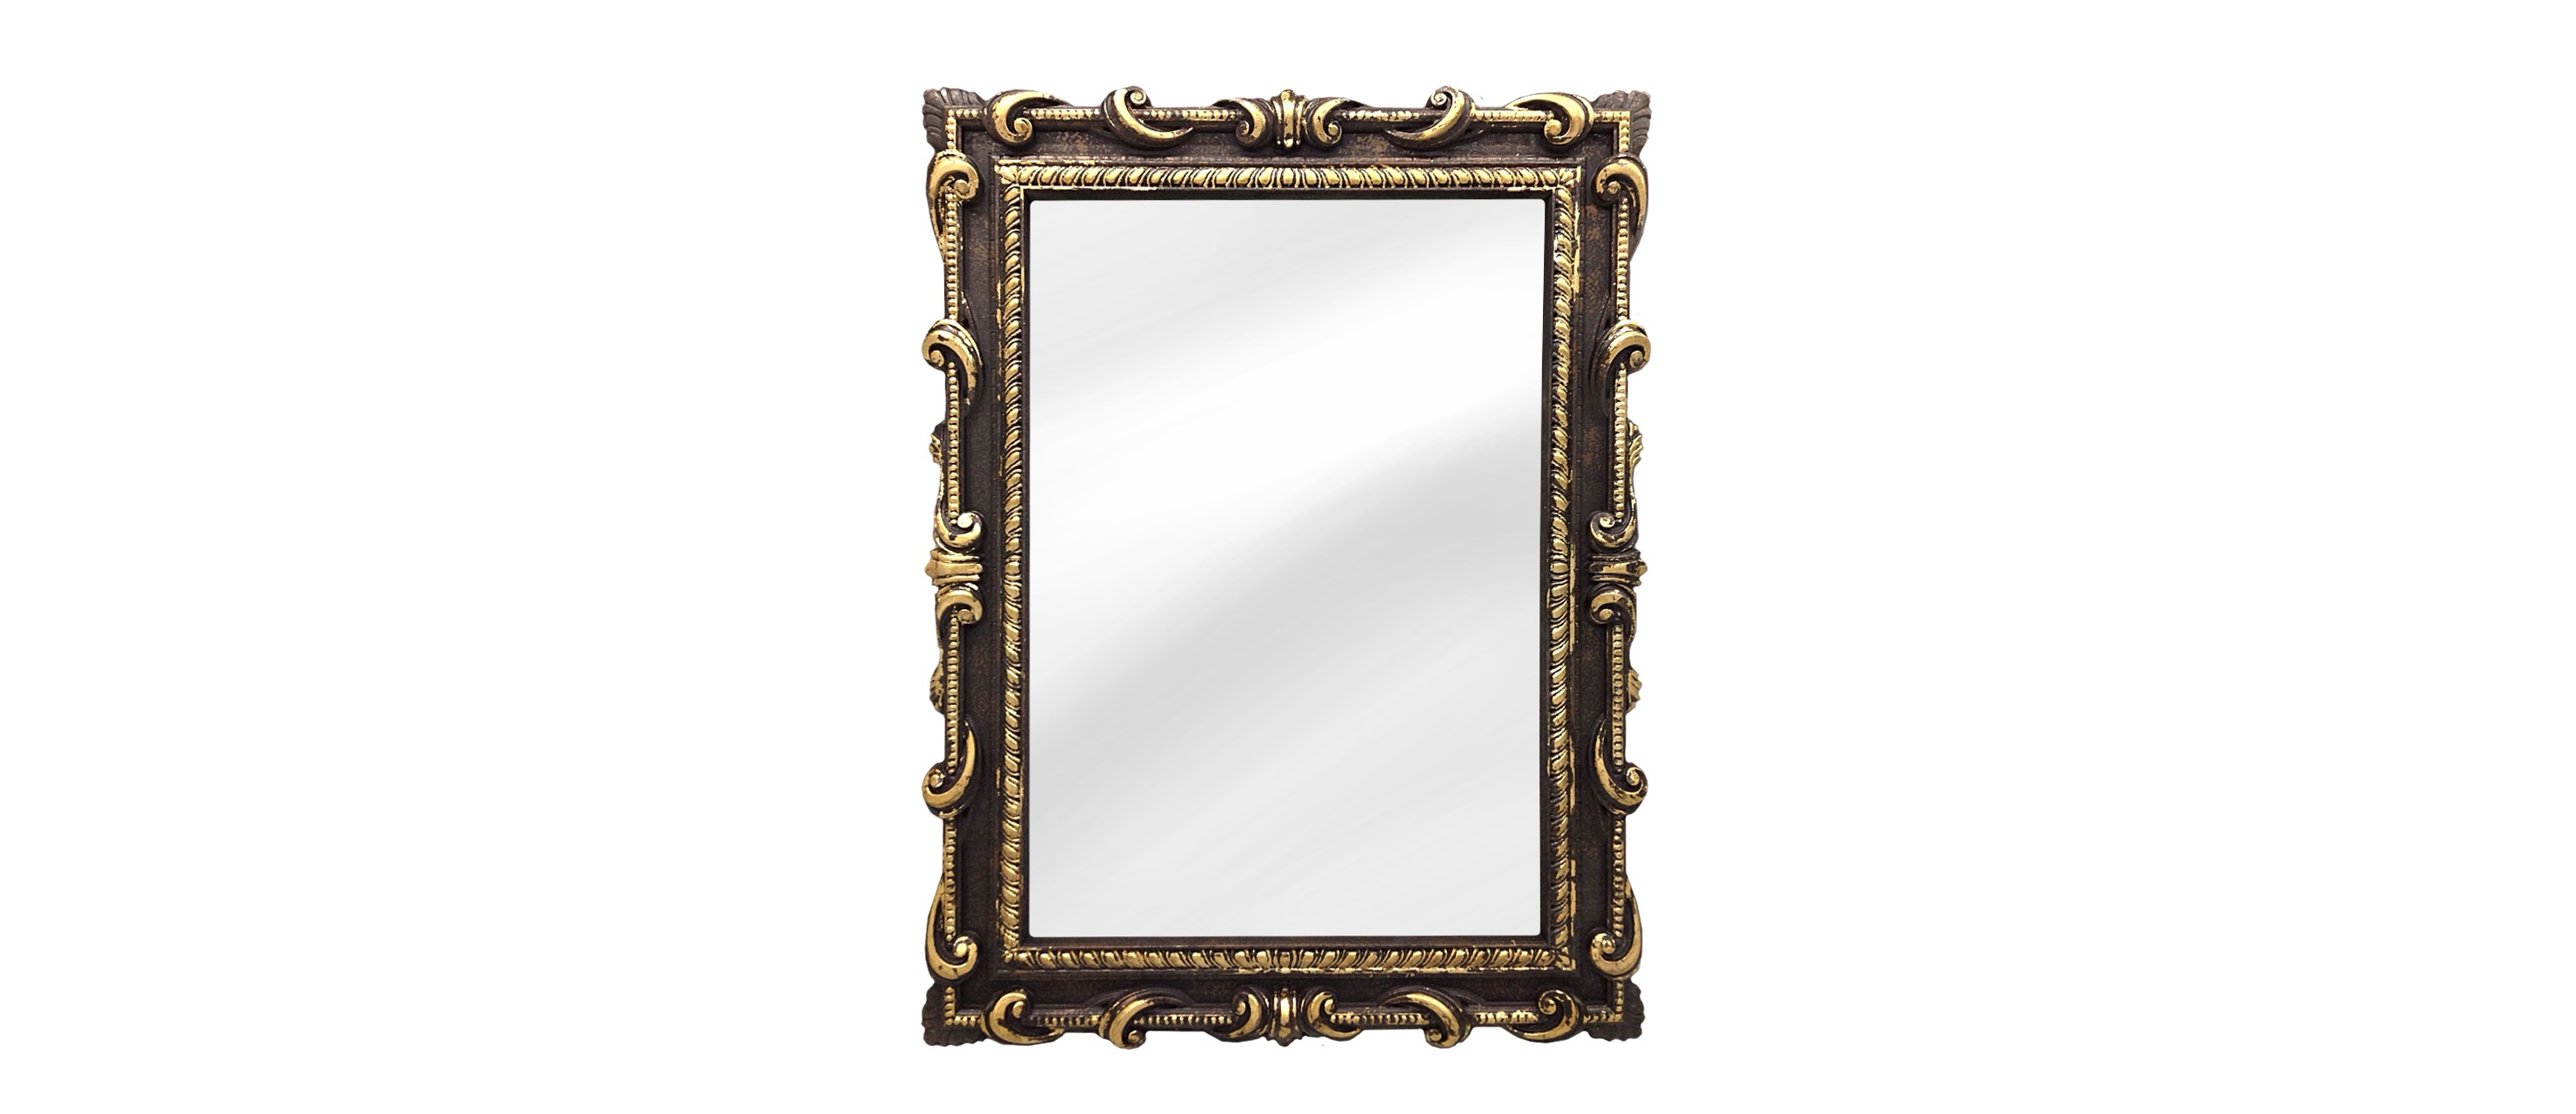 Зеркало ТЕНИАНастенные зеркала<br>&amp;lt;div&amp;gt;Рама для этого зеркала выполнена в традиционном итальянском стиле. Резные элементы декора органичны, благодаря золочению выглядят роскошно, но не вычурно. И хотя обрамление изготовлено из современного полиуретана, выглядит оно так, будто сработано из ценных сортов древесины. Мебельный ППУ ? долговечный и крайне прочный материал, он экологичен, не имеет запаха и не вызывает аллергии.&amp;lt;/div&amp;gt;&amp;lt;div&amp;gt;&amp;lt;br&amp;gt;&amp;lt;/div&amp;gt;&amp;lt;div&amp;gt;&amp;lt;div&amp;gt;Цвет:&amp;amp;nbsp;Венге Золото Поталь&amp;lt;br&amp;gt;&amp;lt;div&amp;gt;&amp;lt;br&amp;gt;&amp;lt;/div&amp;gt;&amp;lt;/div&amp;gt;&amp;lt;/div&amp;gt;<br><br>Material: Полиуретан<br>Length см: None<br>Width см: 72<br>Depth см: 4<br>Height см: 94